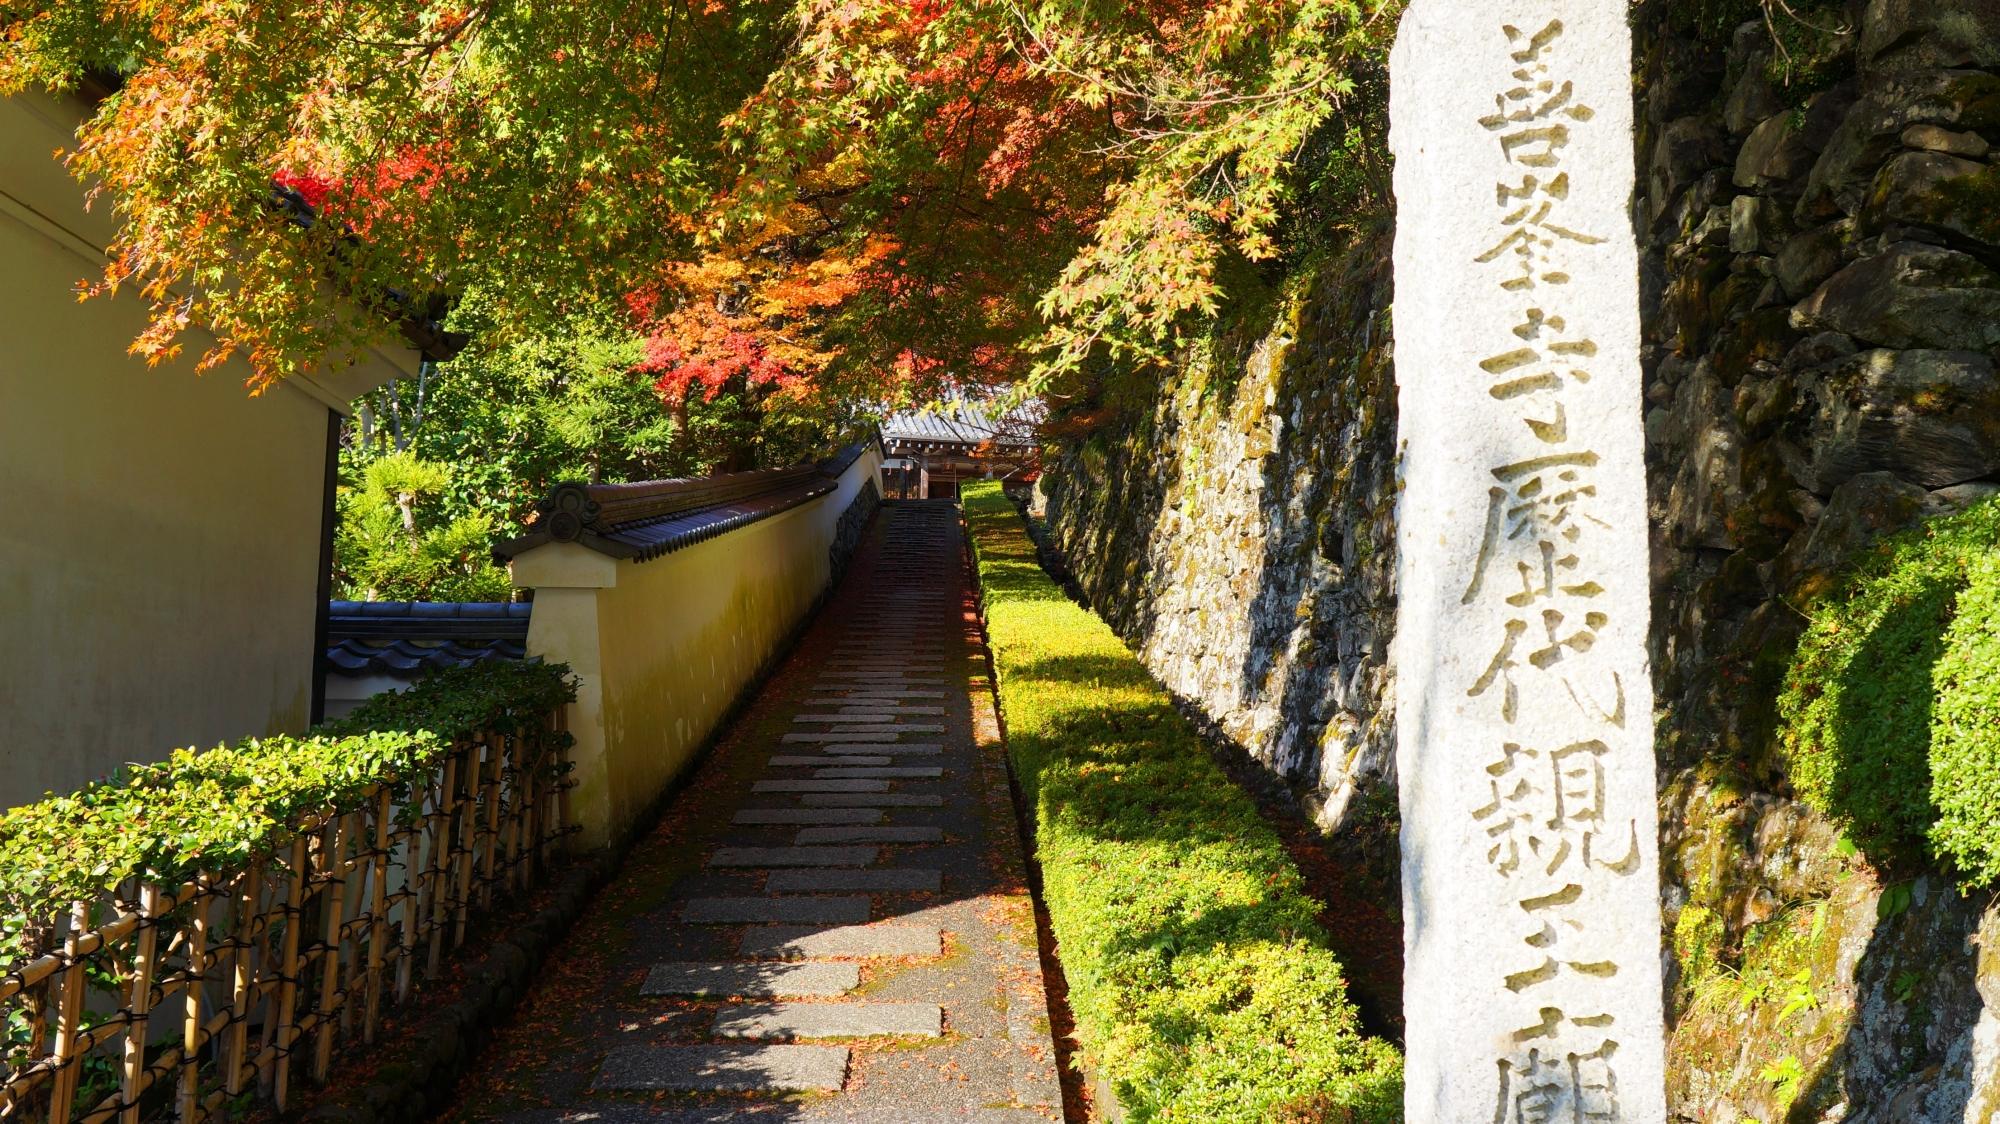 善峯寺の阿弥陀堂前石段の紅葉